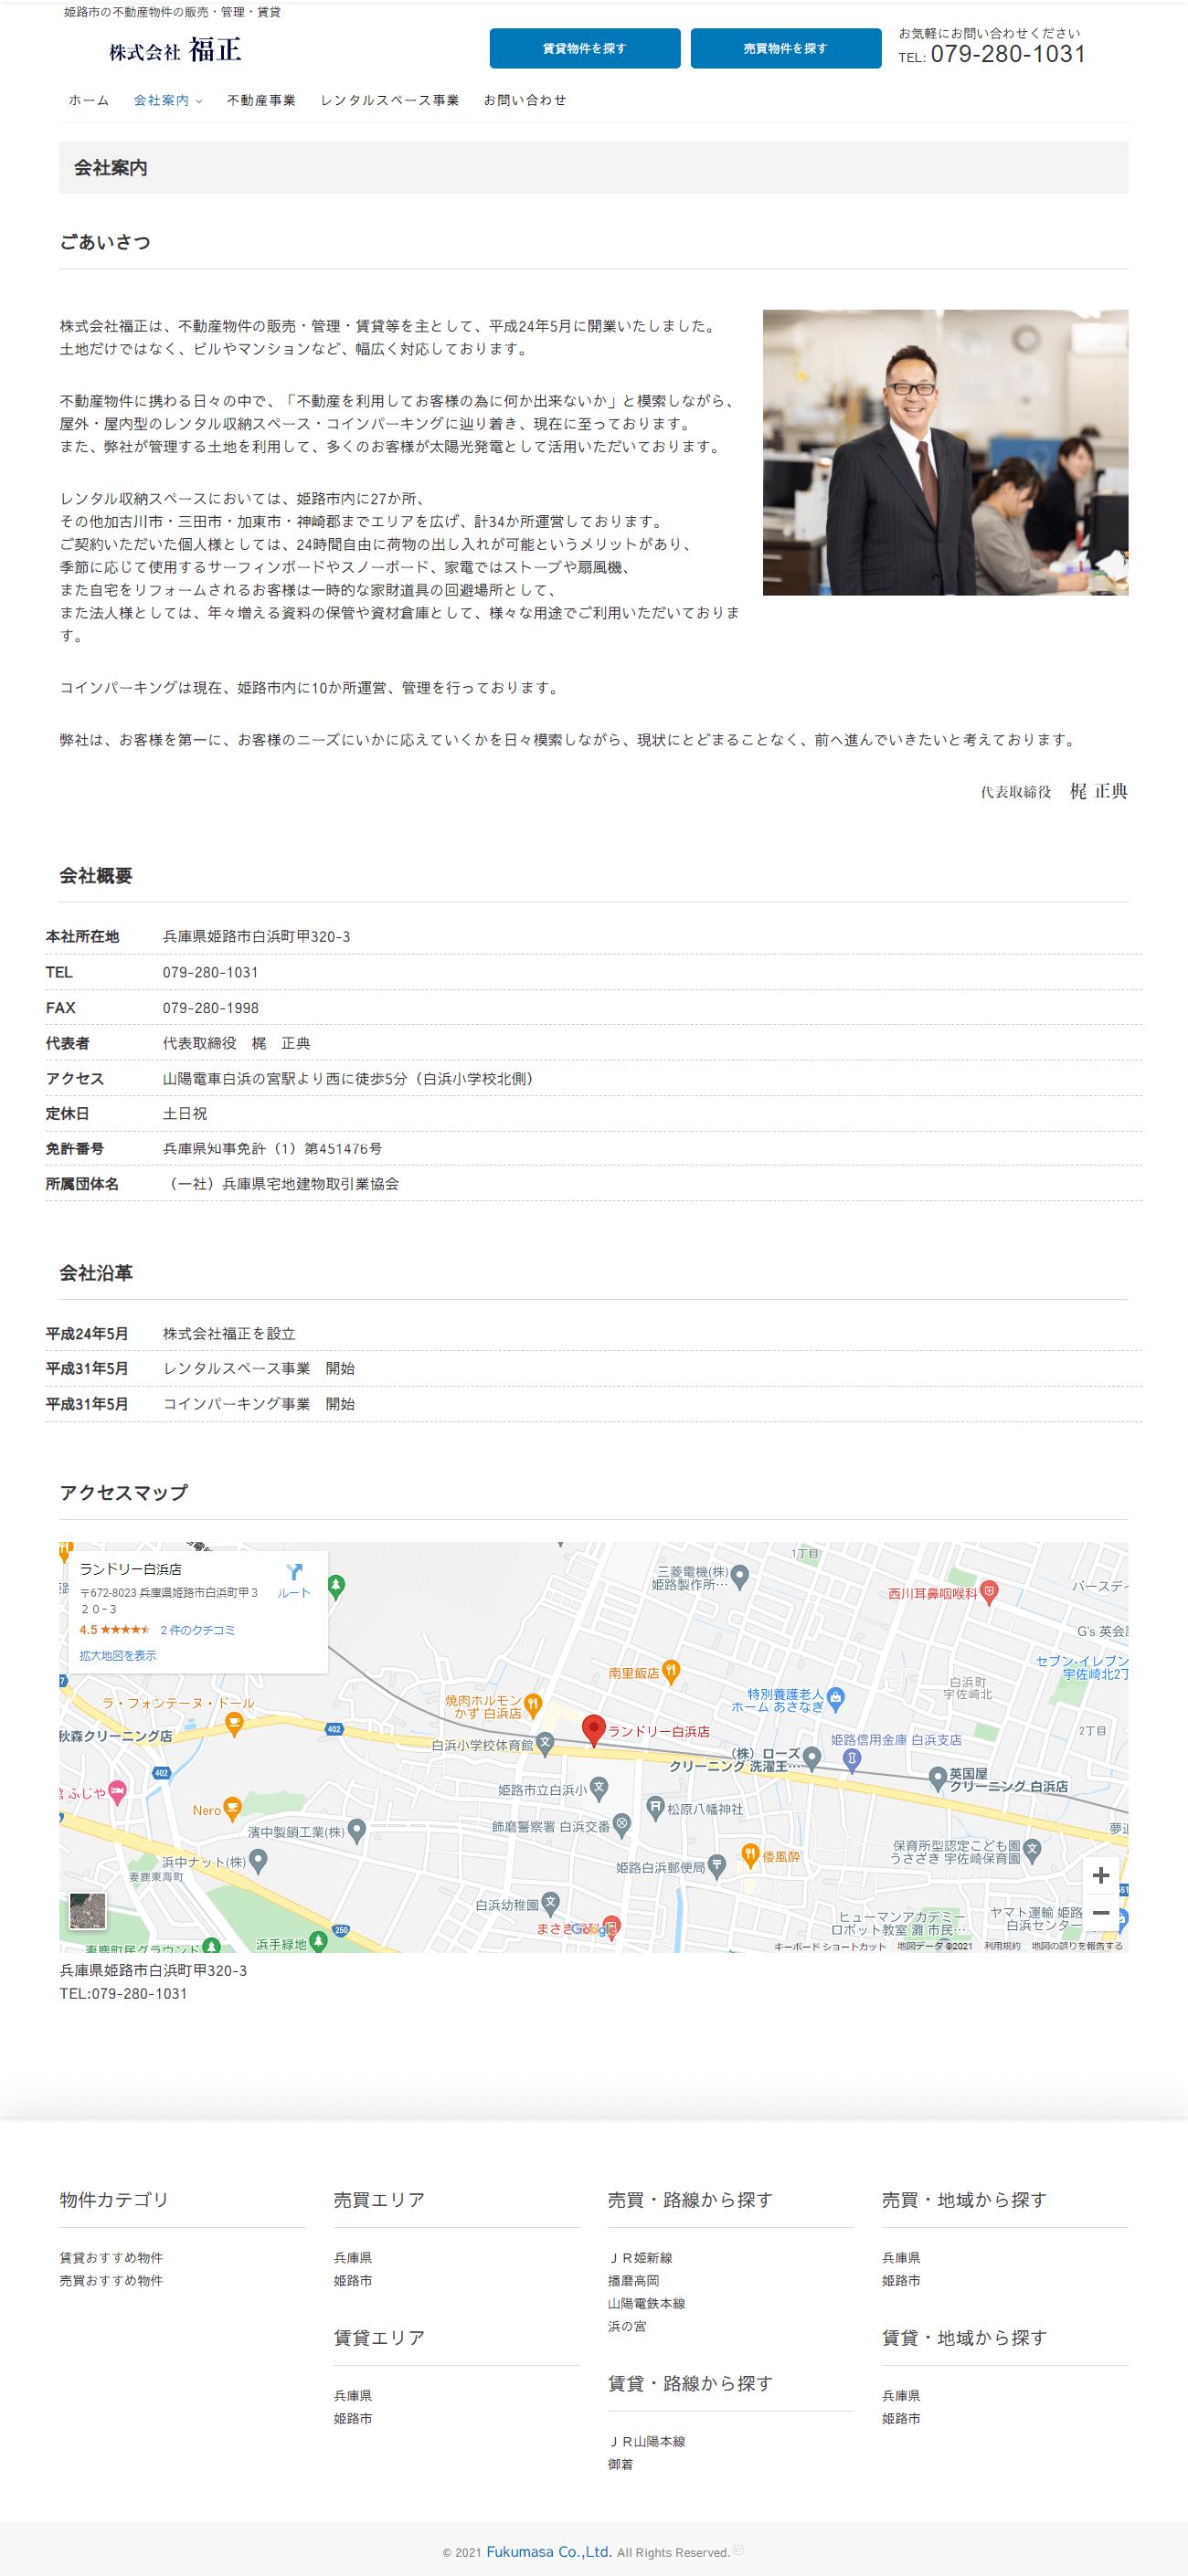 姫路市 株式会社福正 ホームページ制作2